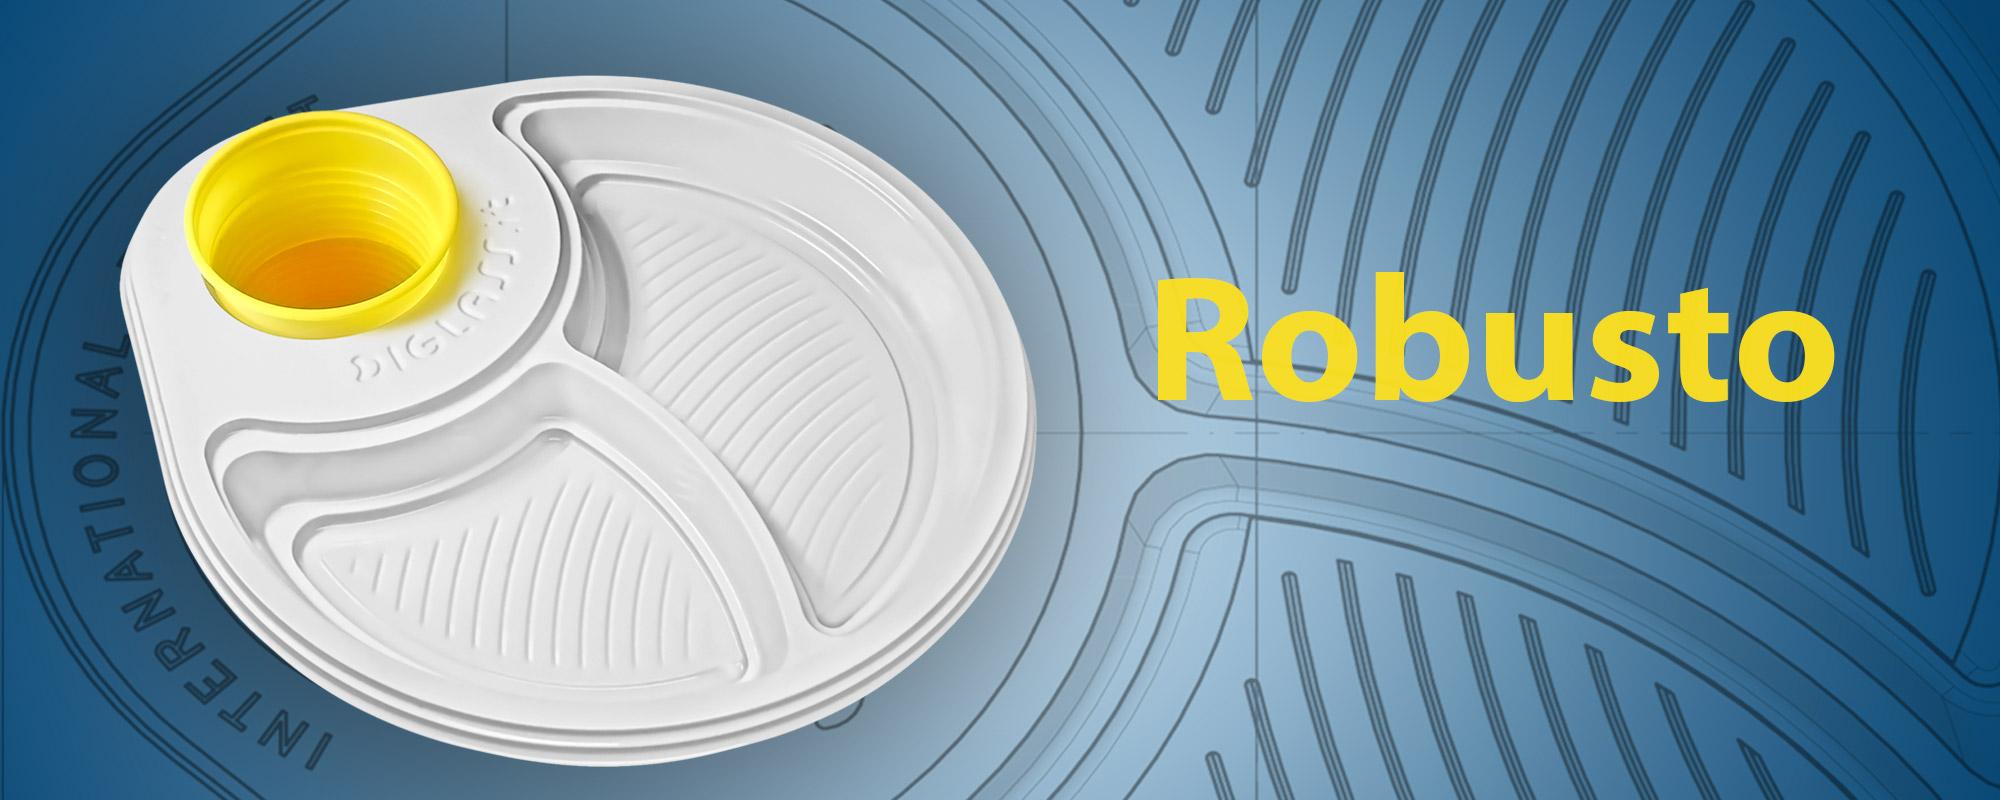 Robusto, la particolare sagomatura del bordo, unita alla plastica usa e getta extra forte  di cui è composto, lo rendono resistente e sicuro per cibi e bevande.